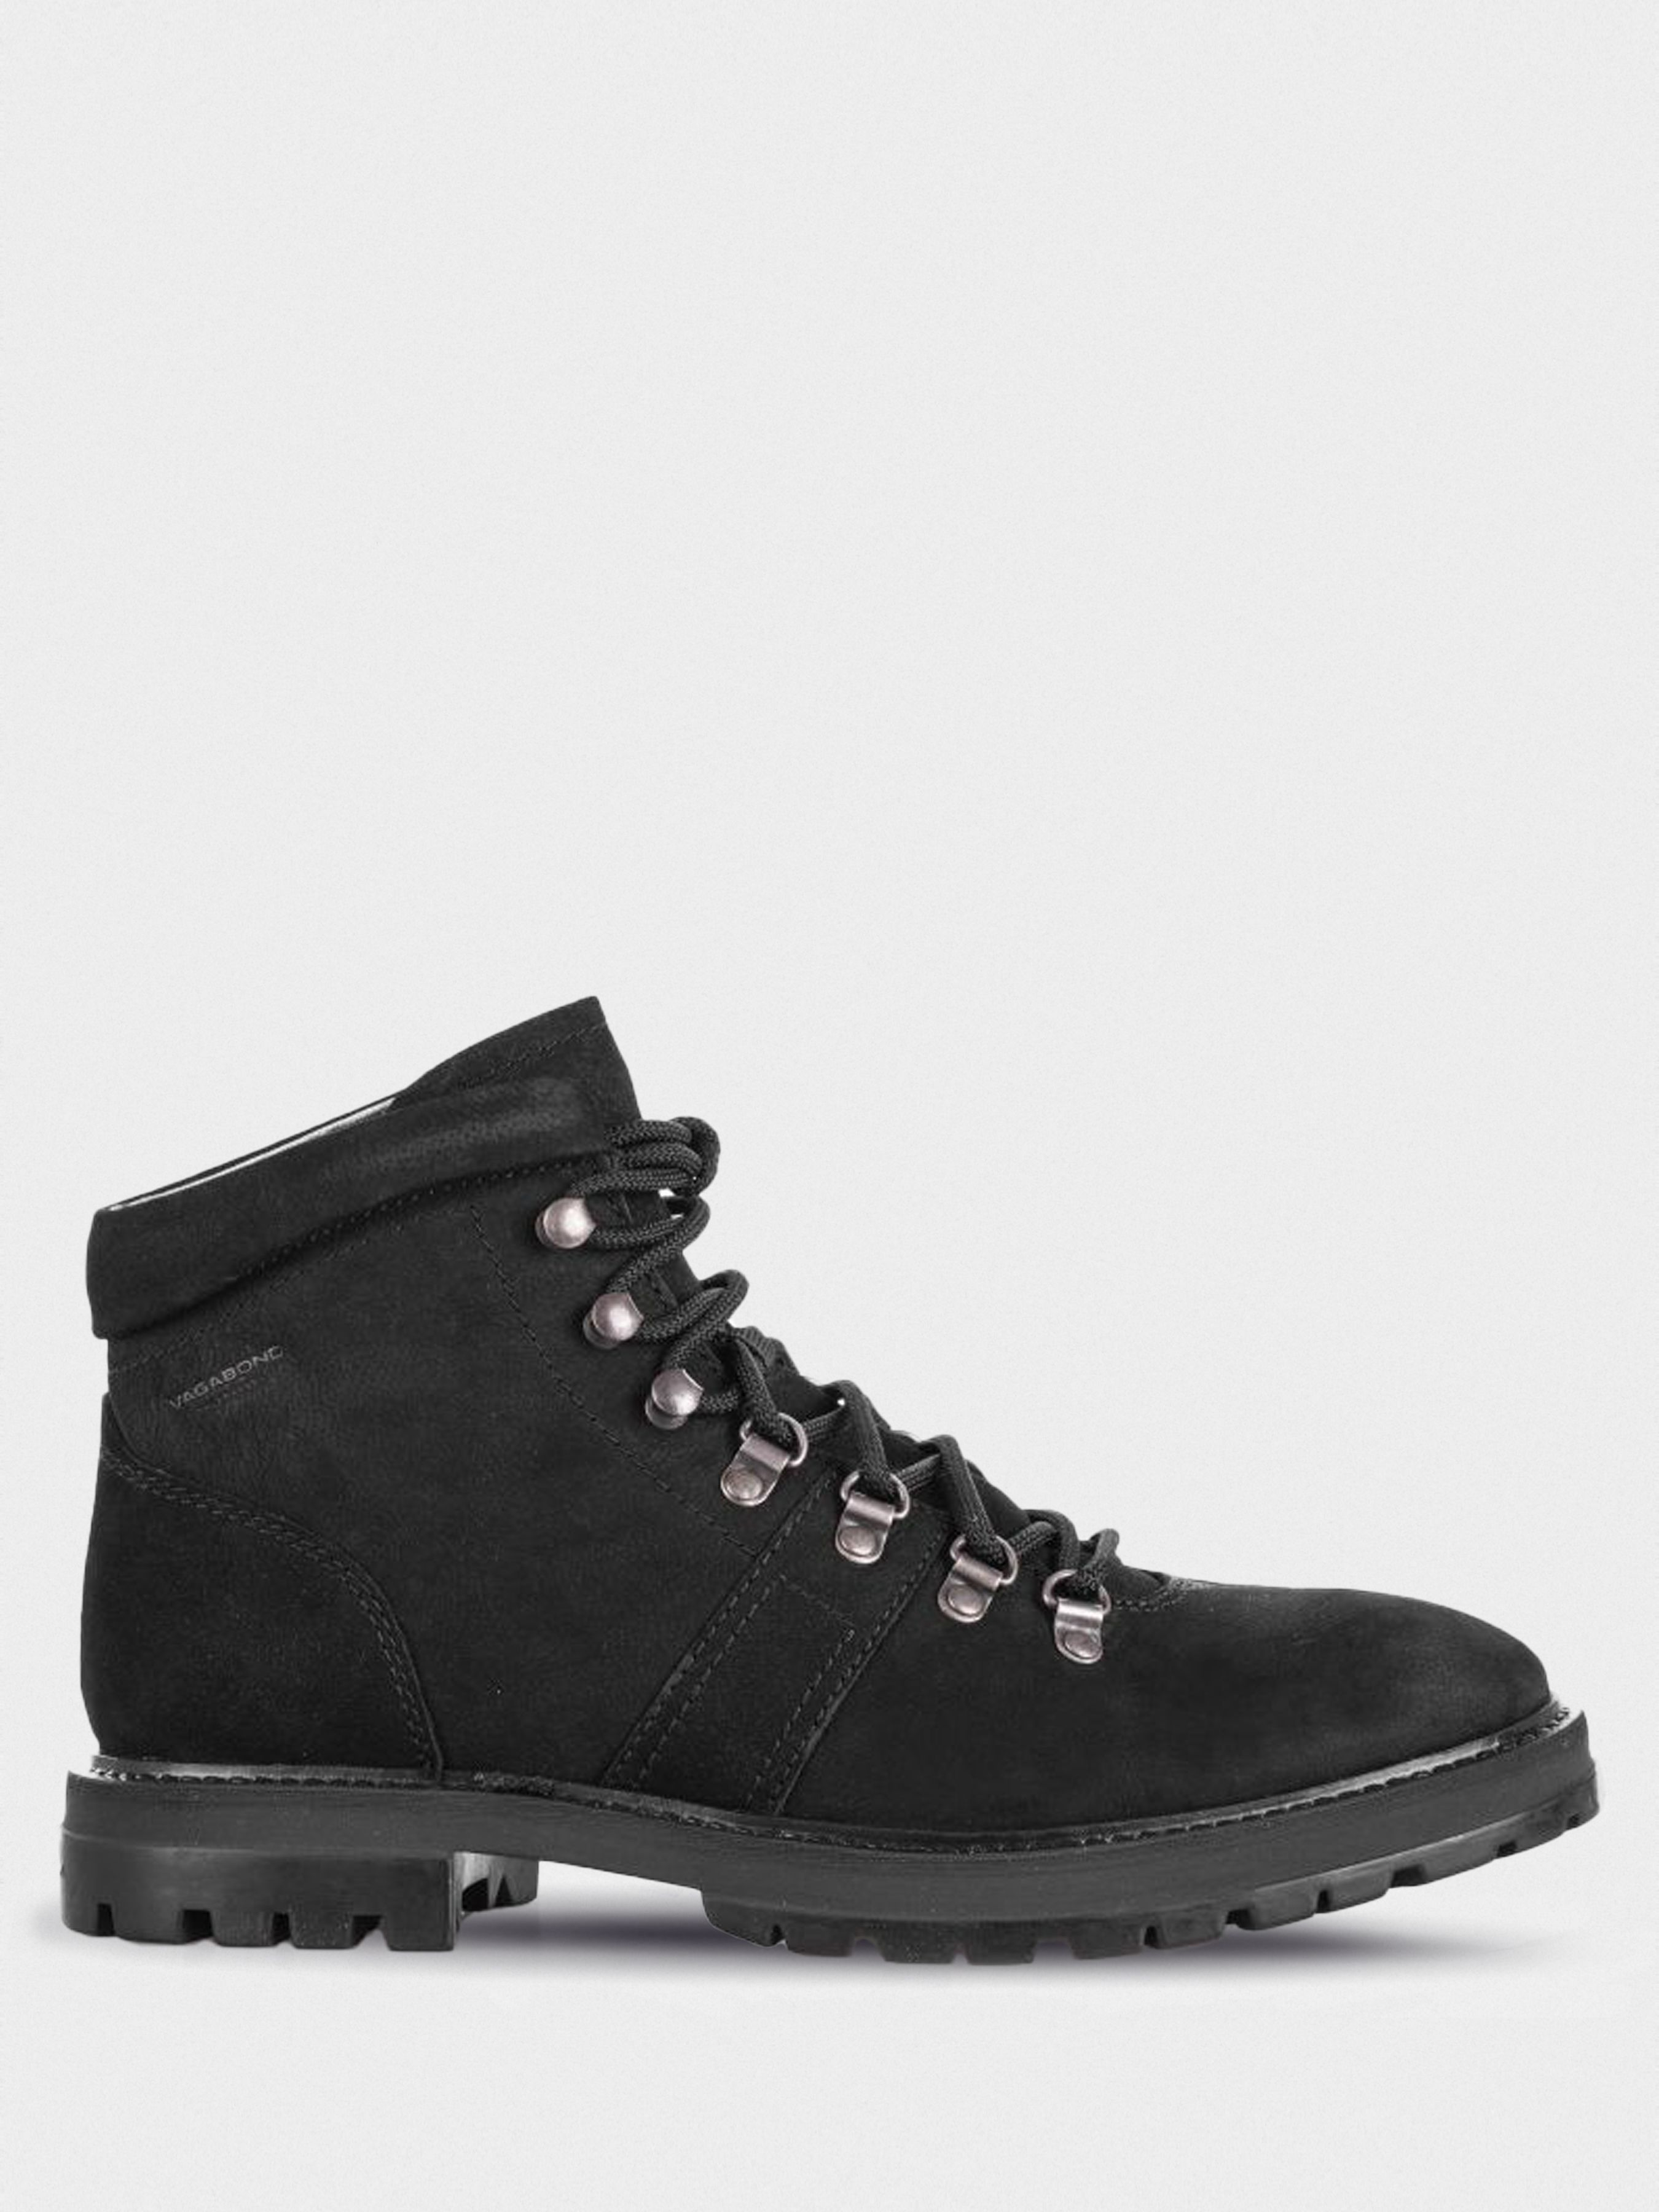 Купить Ботинки мужские VAGABOND JOHNNY VM1985, Черный